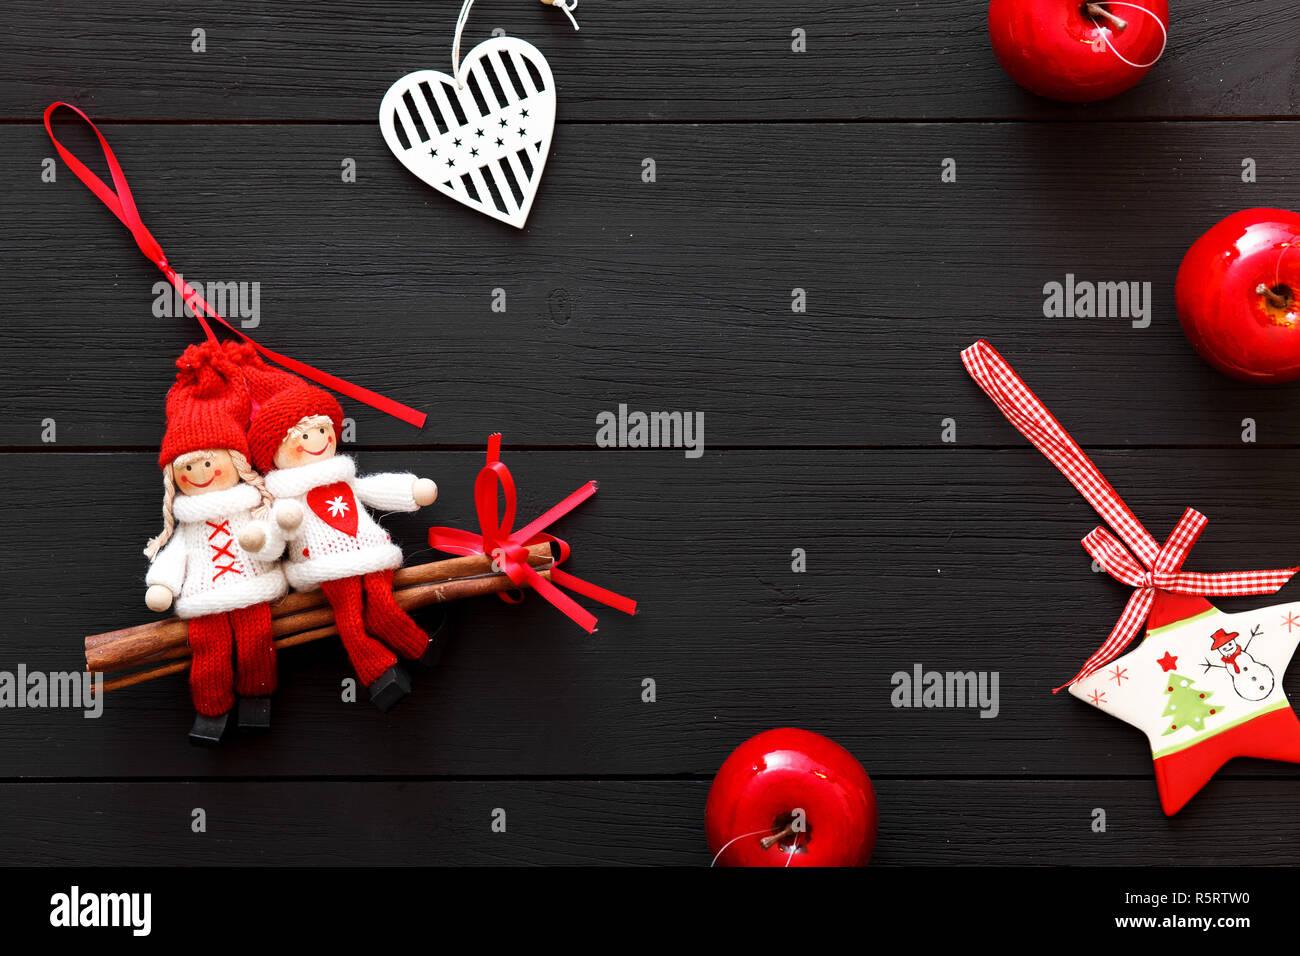 Winterurlaub Weihnachten 2019.Weihnachten Handgefertigte Dekorationen Herzen Spielzeug Frohes